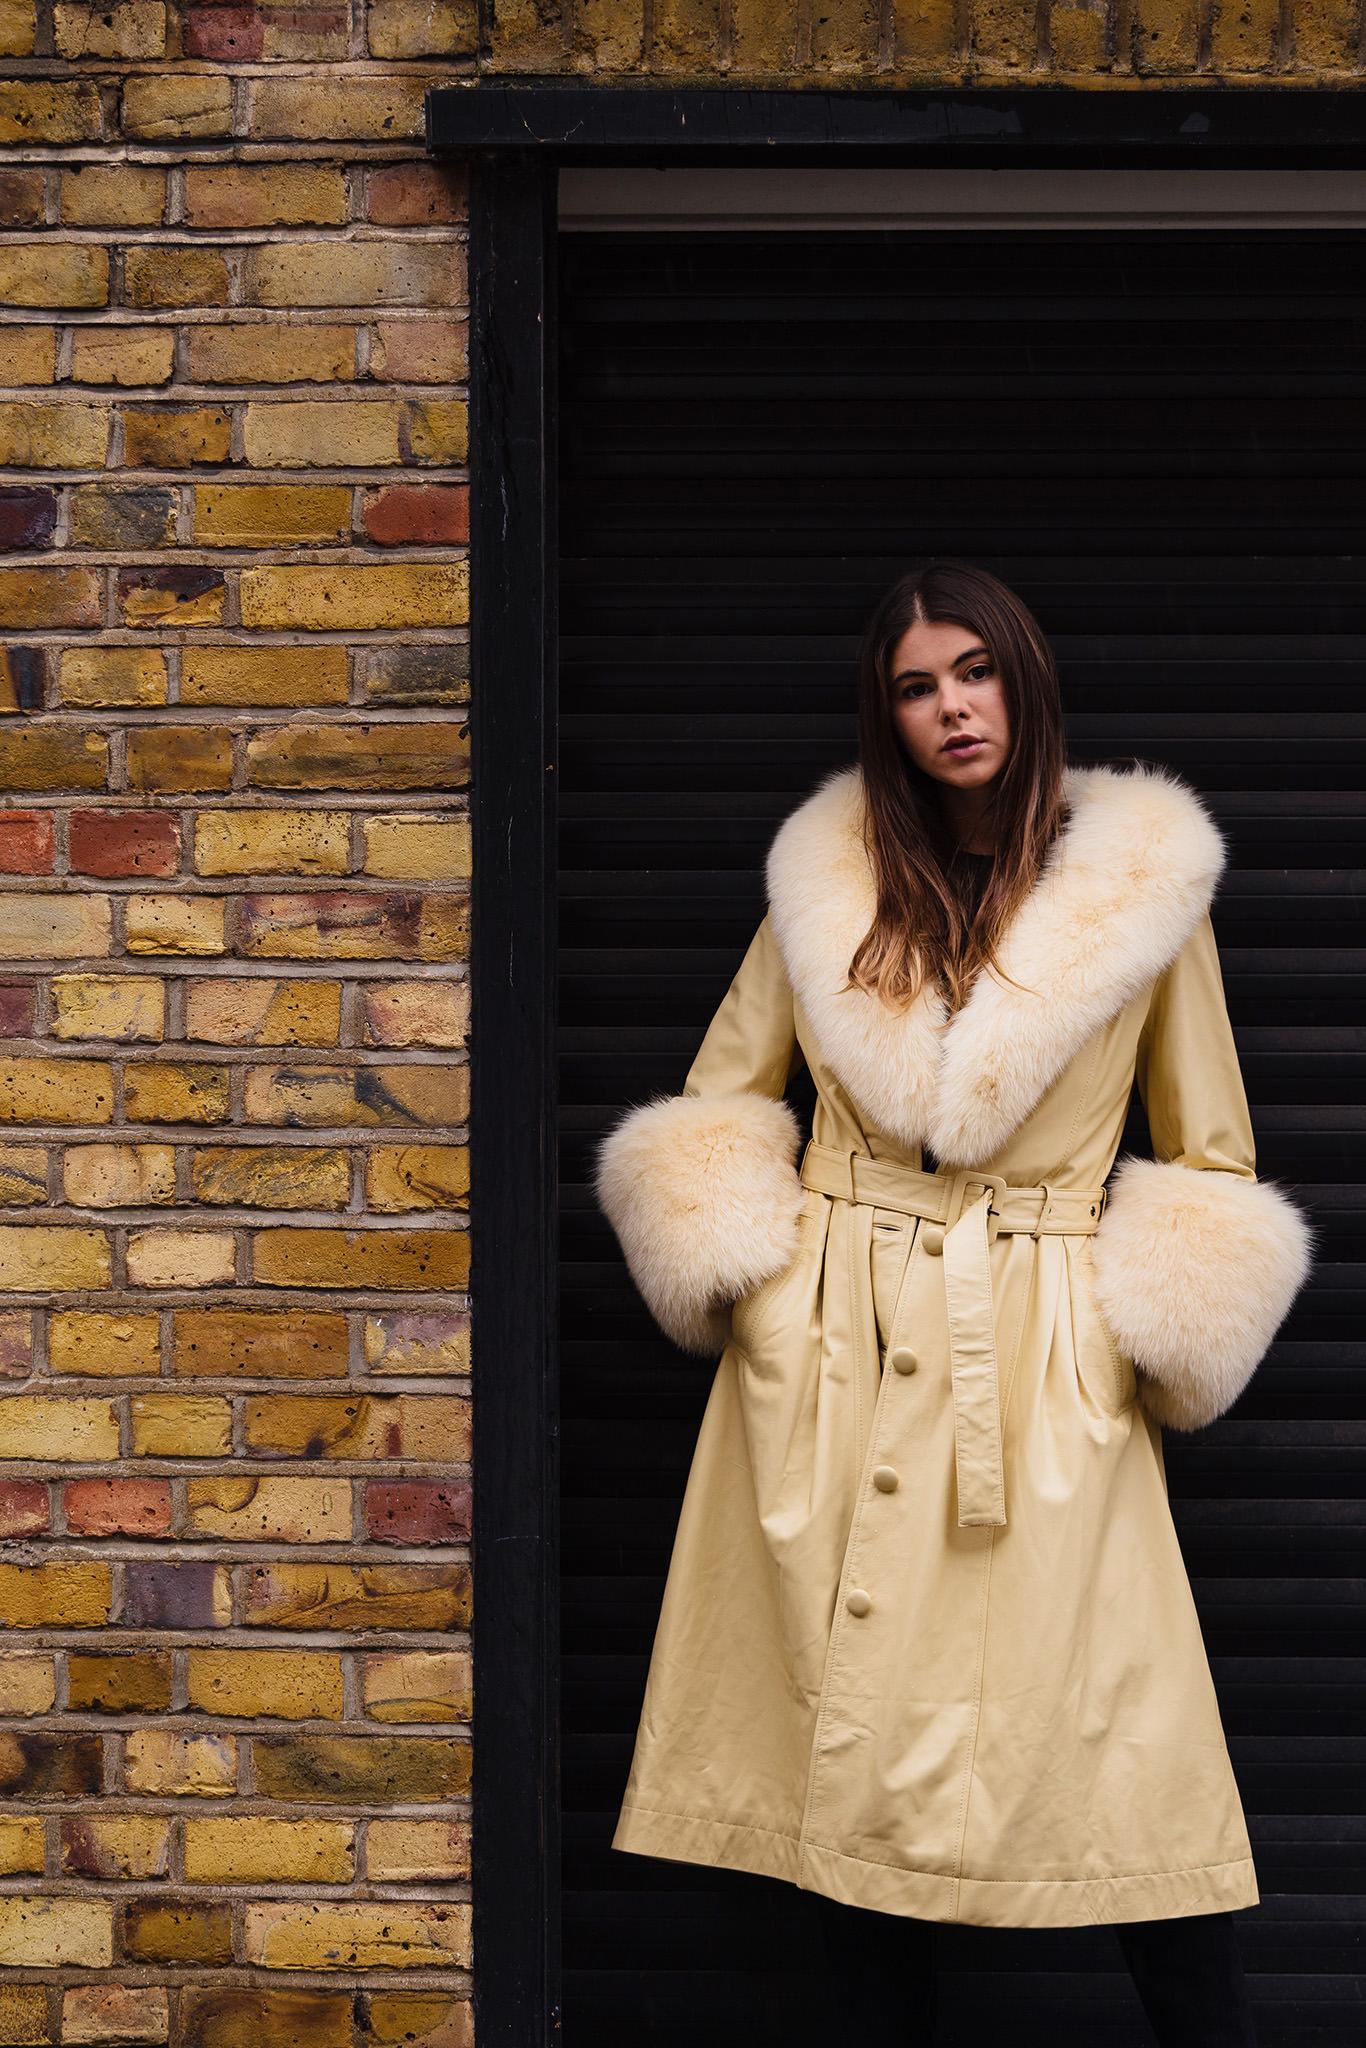 street fashion instagram shoot